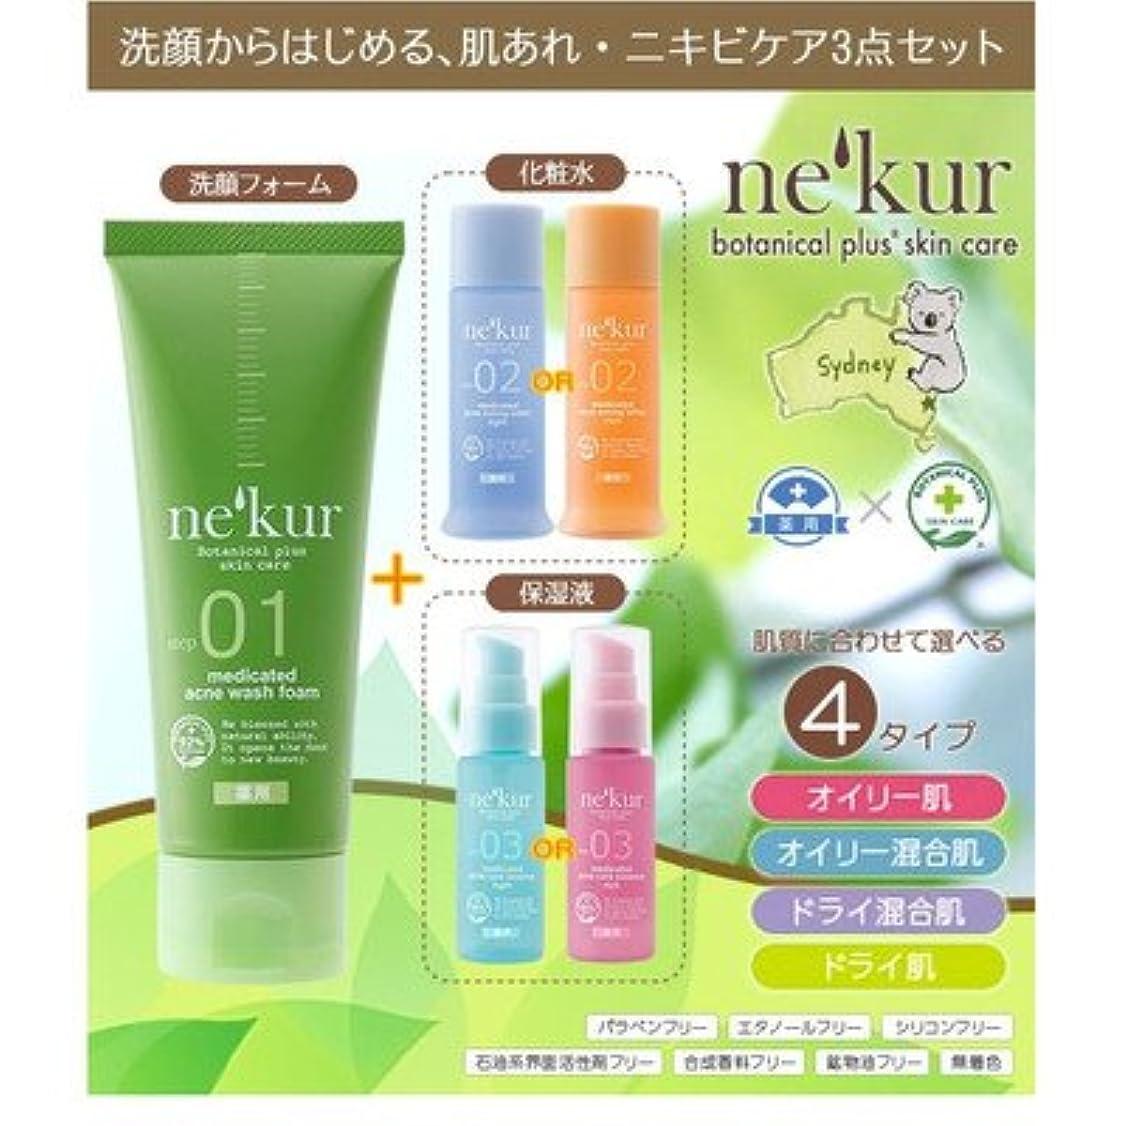 本能六血まみれのネクア(nekur) ボタニカルプラススキンケア 薬用アクネ洗顔3点セット ドライ肌セット( 画像はイメージ画像です お届けの商品はドライ肌セットのみとなります)